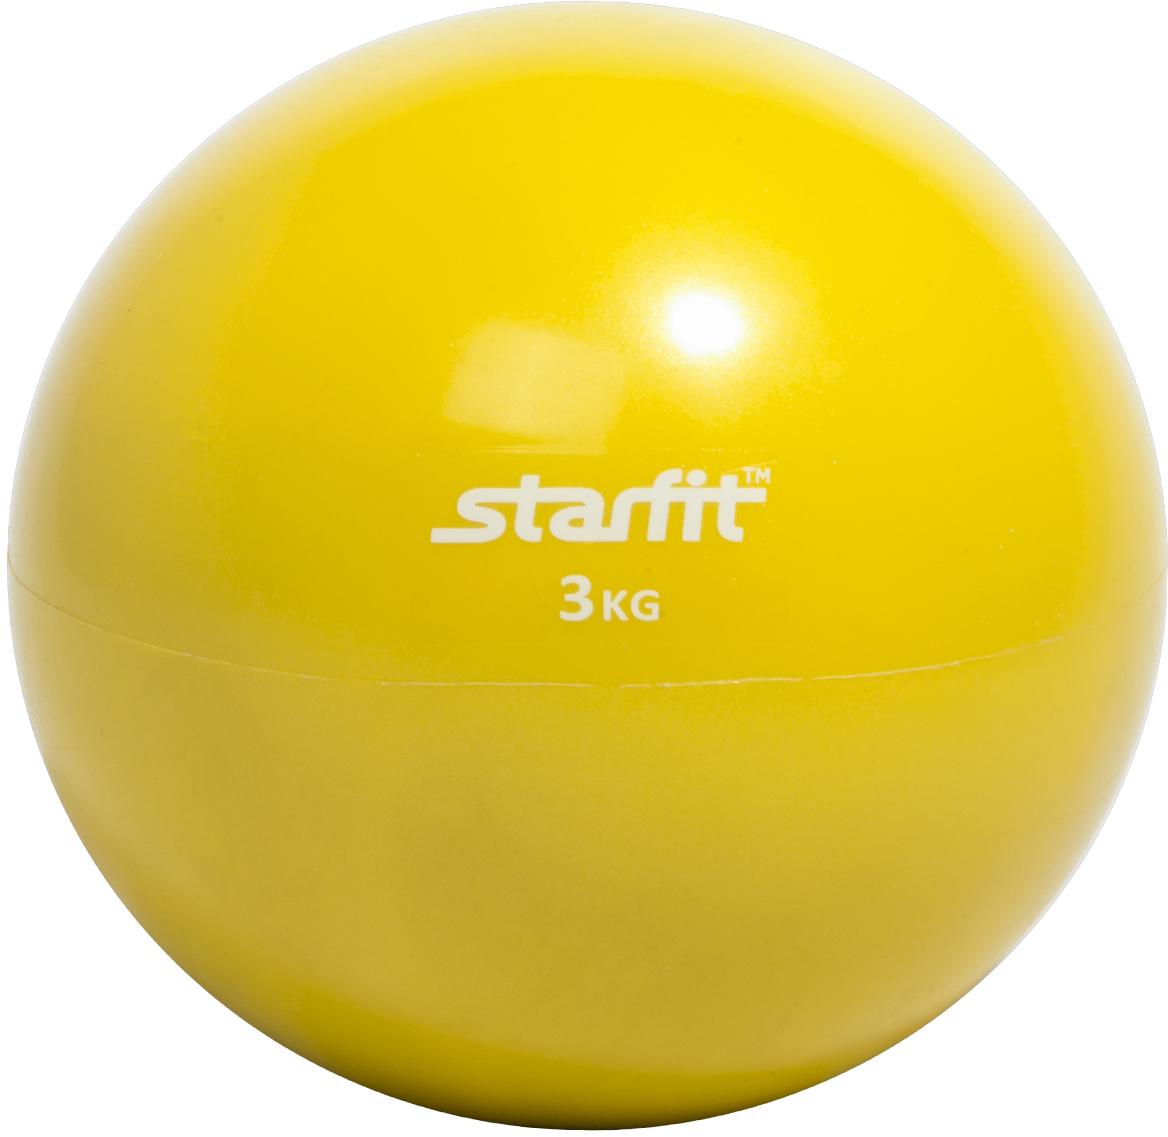 Медицинбол Starfit GB-703, цвет: желтый, 3 кгУТ-00008274Медицинбол GB-703 -это качественная модель Star Fit, которую используют и профессиональные спортсмены и любители. Медицинбол Star Fit имеет яркую цветовую гамму, которая никого не оставит равнодушным.Важный аксессуар для функциональной тренировки тела. Его используют в групповых программах, функциональном тренинге, бодибилдинге, фитнесе и пилатесе. Помогает в тренировке мышц пресса, мышц рук, грудной клетки, спины, плеч, ног и ягодиц. Его применяют для разнообразия и новизны в тренировках, что позволяет с помощью него провести полноценную тренировку для всего организма. Характеристики:Материал: ПВХНаполнитель: песокВес, кг: 3Цвет: зеленыйКоличество в упаковке, шт: 1Производство: КНРЙога: все, что нужно начинающим и опытным практикам. Статья OZON Гид